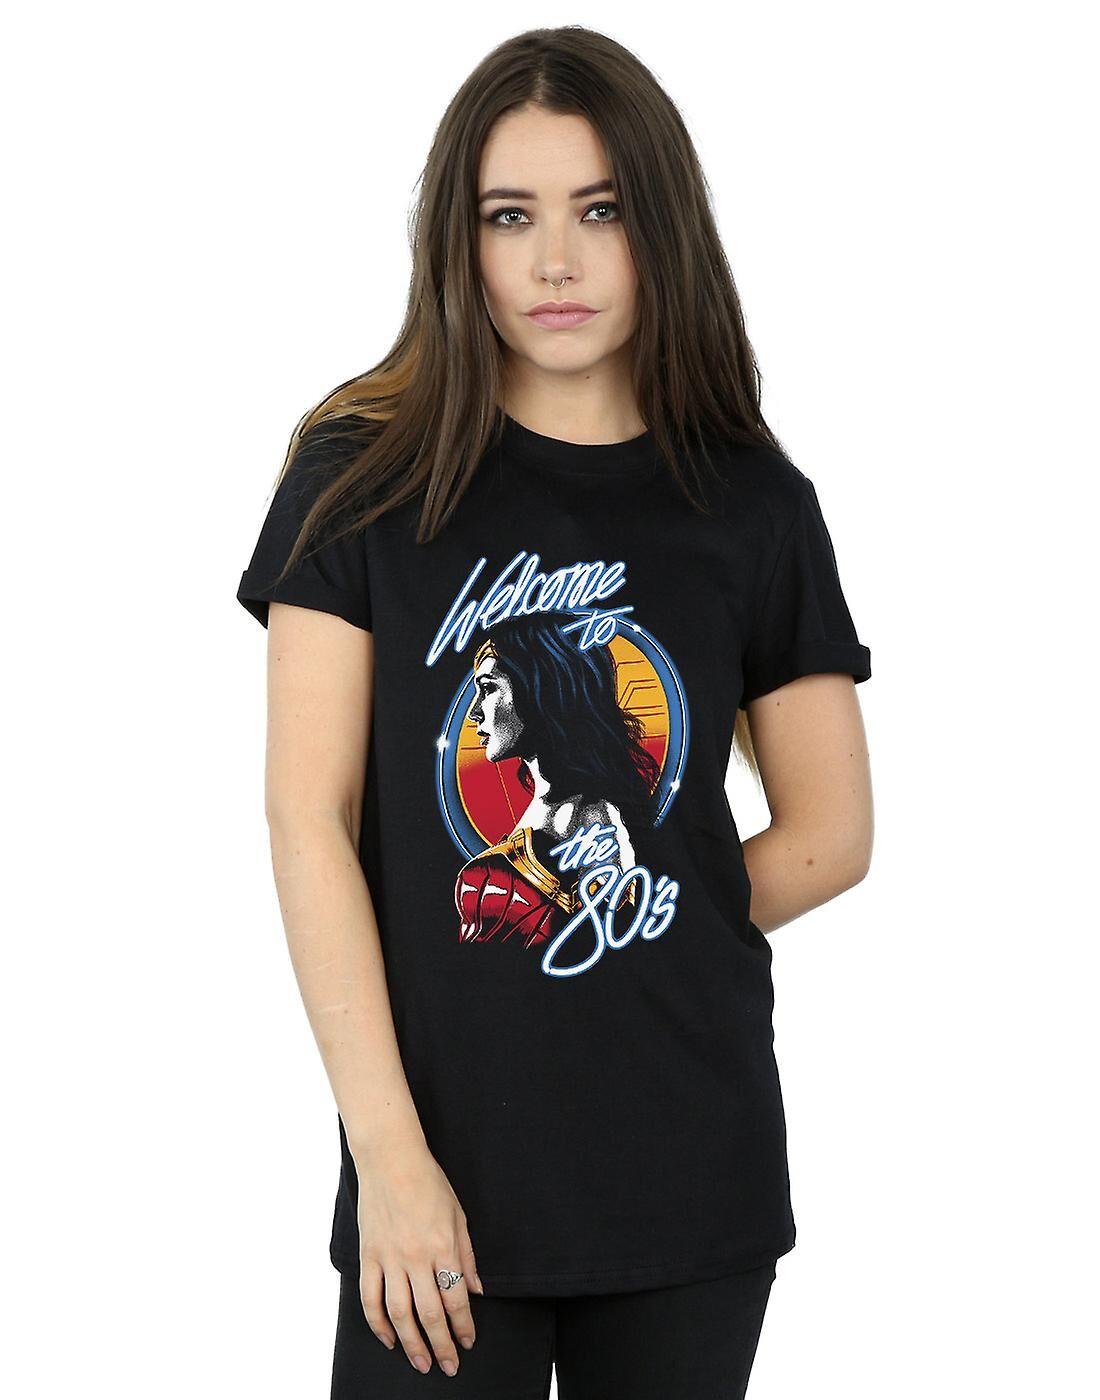 Absolute Cult DC Comics Femmes-apos;s Wonder Woman 84 Bienvenue dans les années 80 Boyfriend Fit T-Shirt Noir XXX-Large